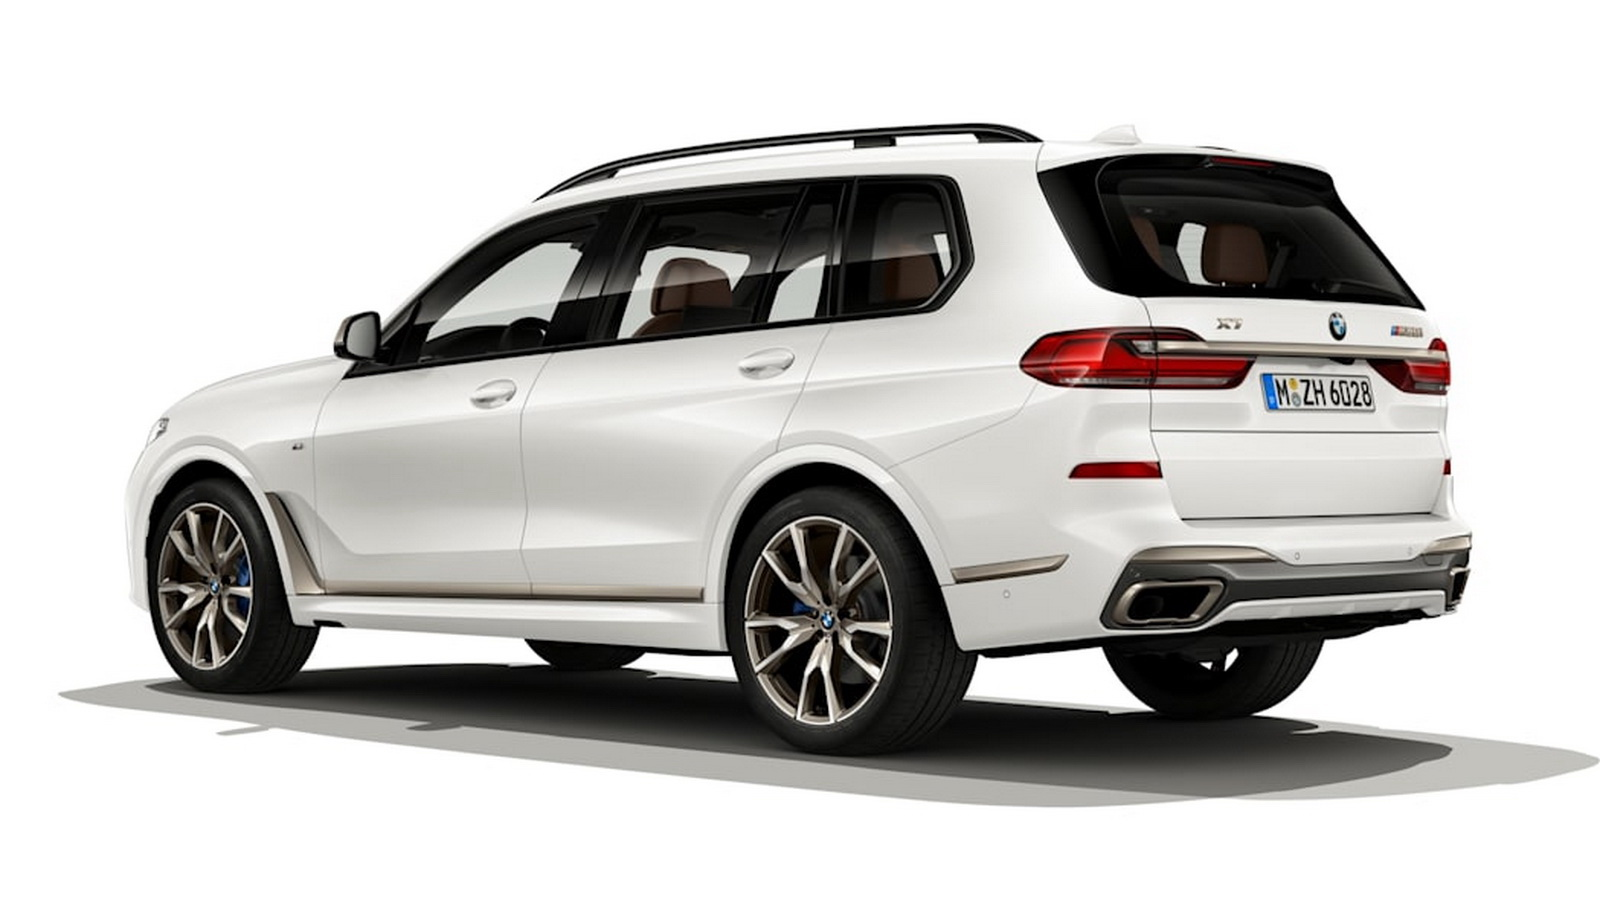 圖/Alpina擅於以BMW旗下車型為基礎打造成全新車款,去年就在路上被補捉到以X7為基礎的偽裝車,如今要推出全新XB7。